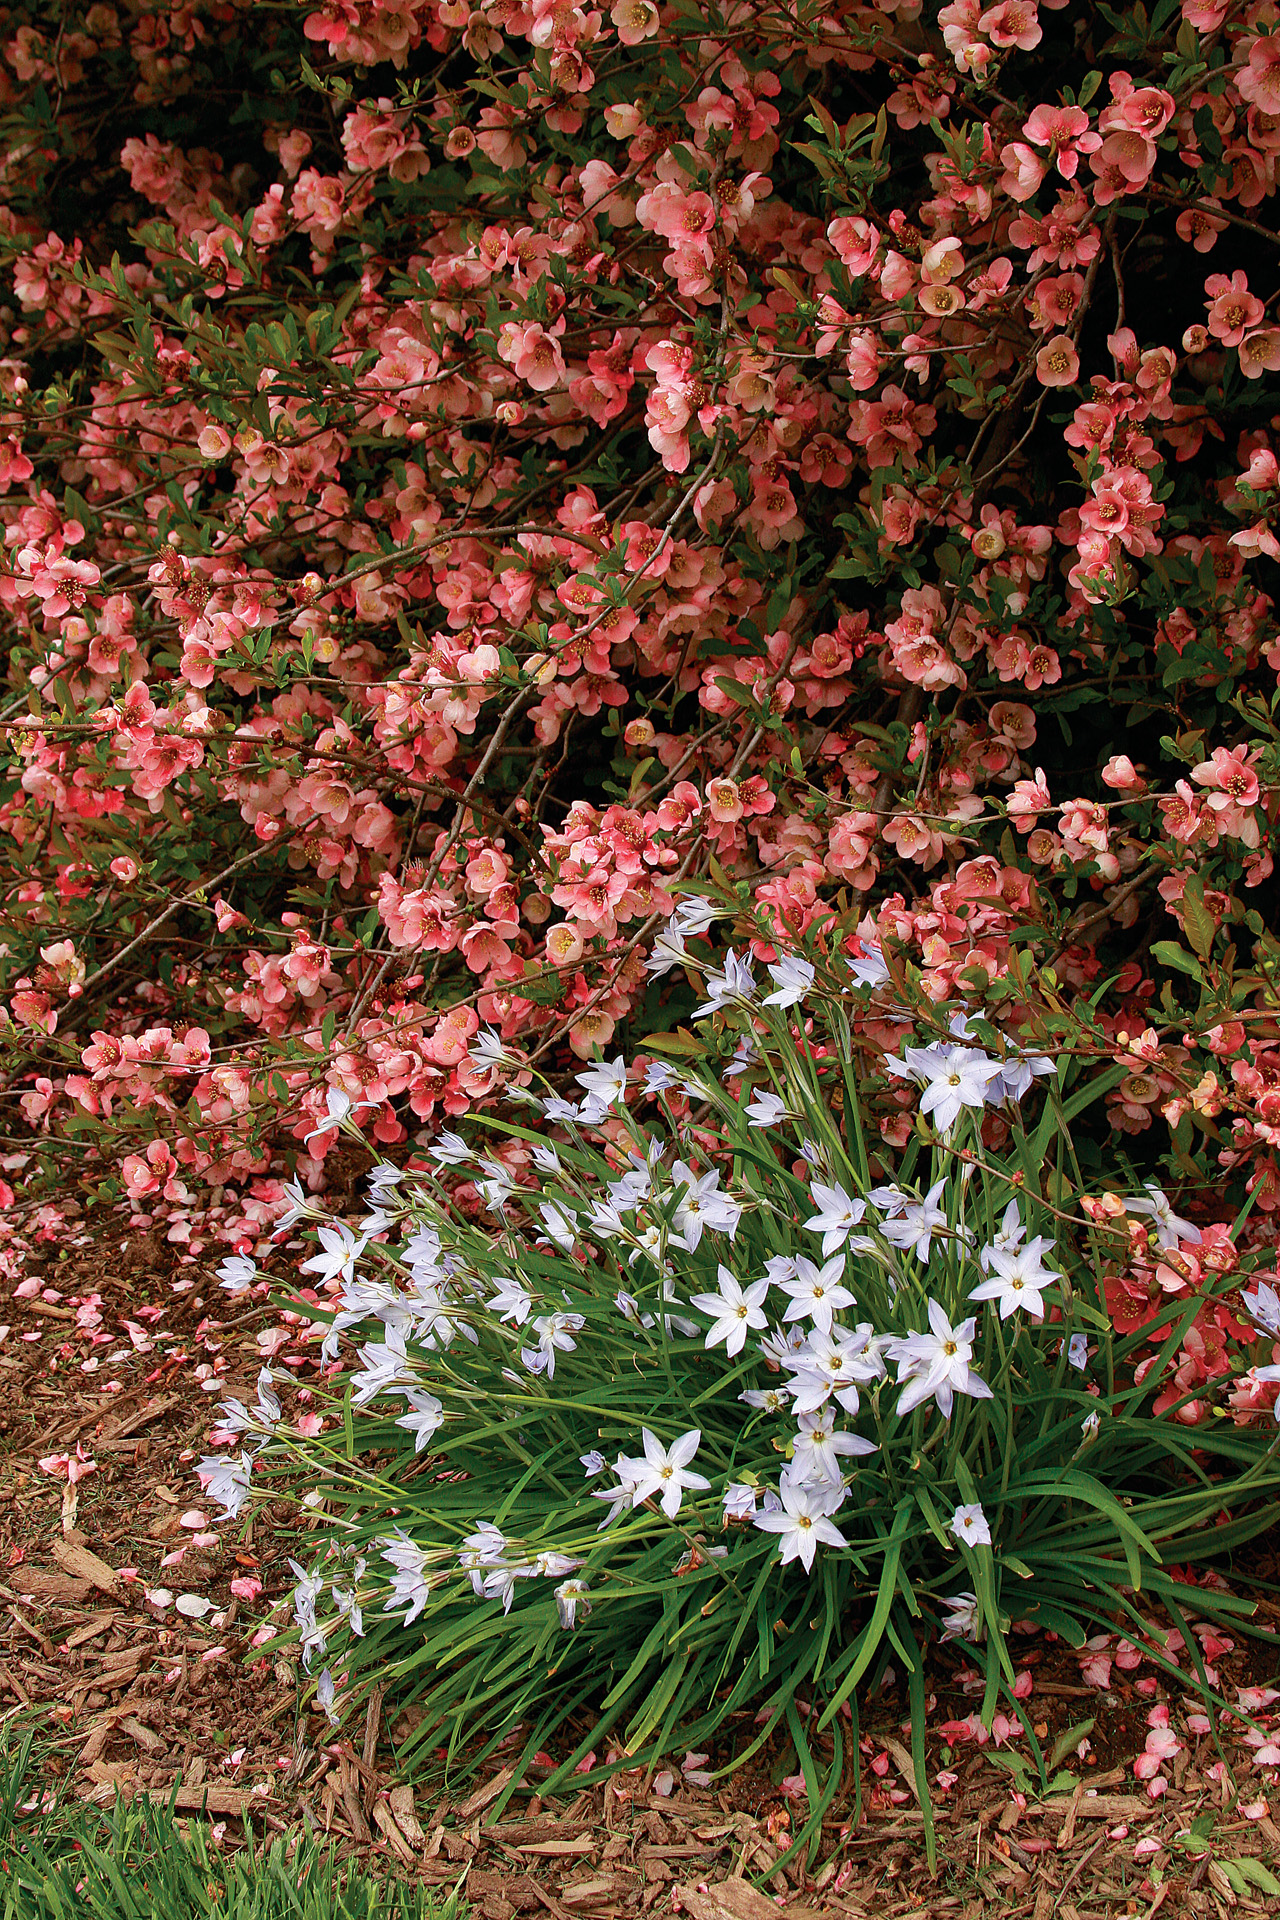 Spring starflower - white star-like flowers